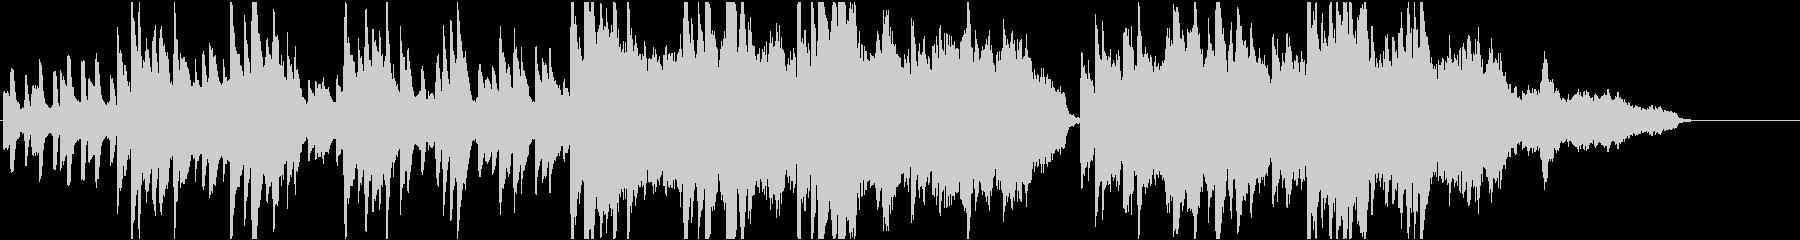 企業VP32 24bit44kHzVerの未再生の波形